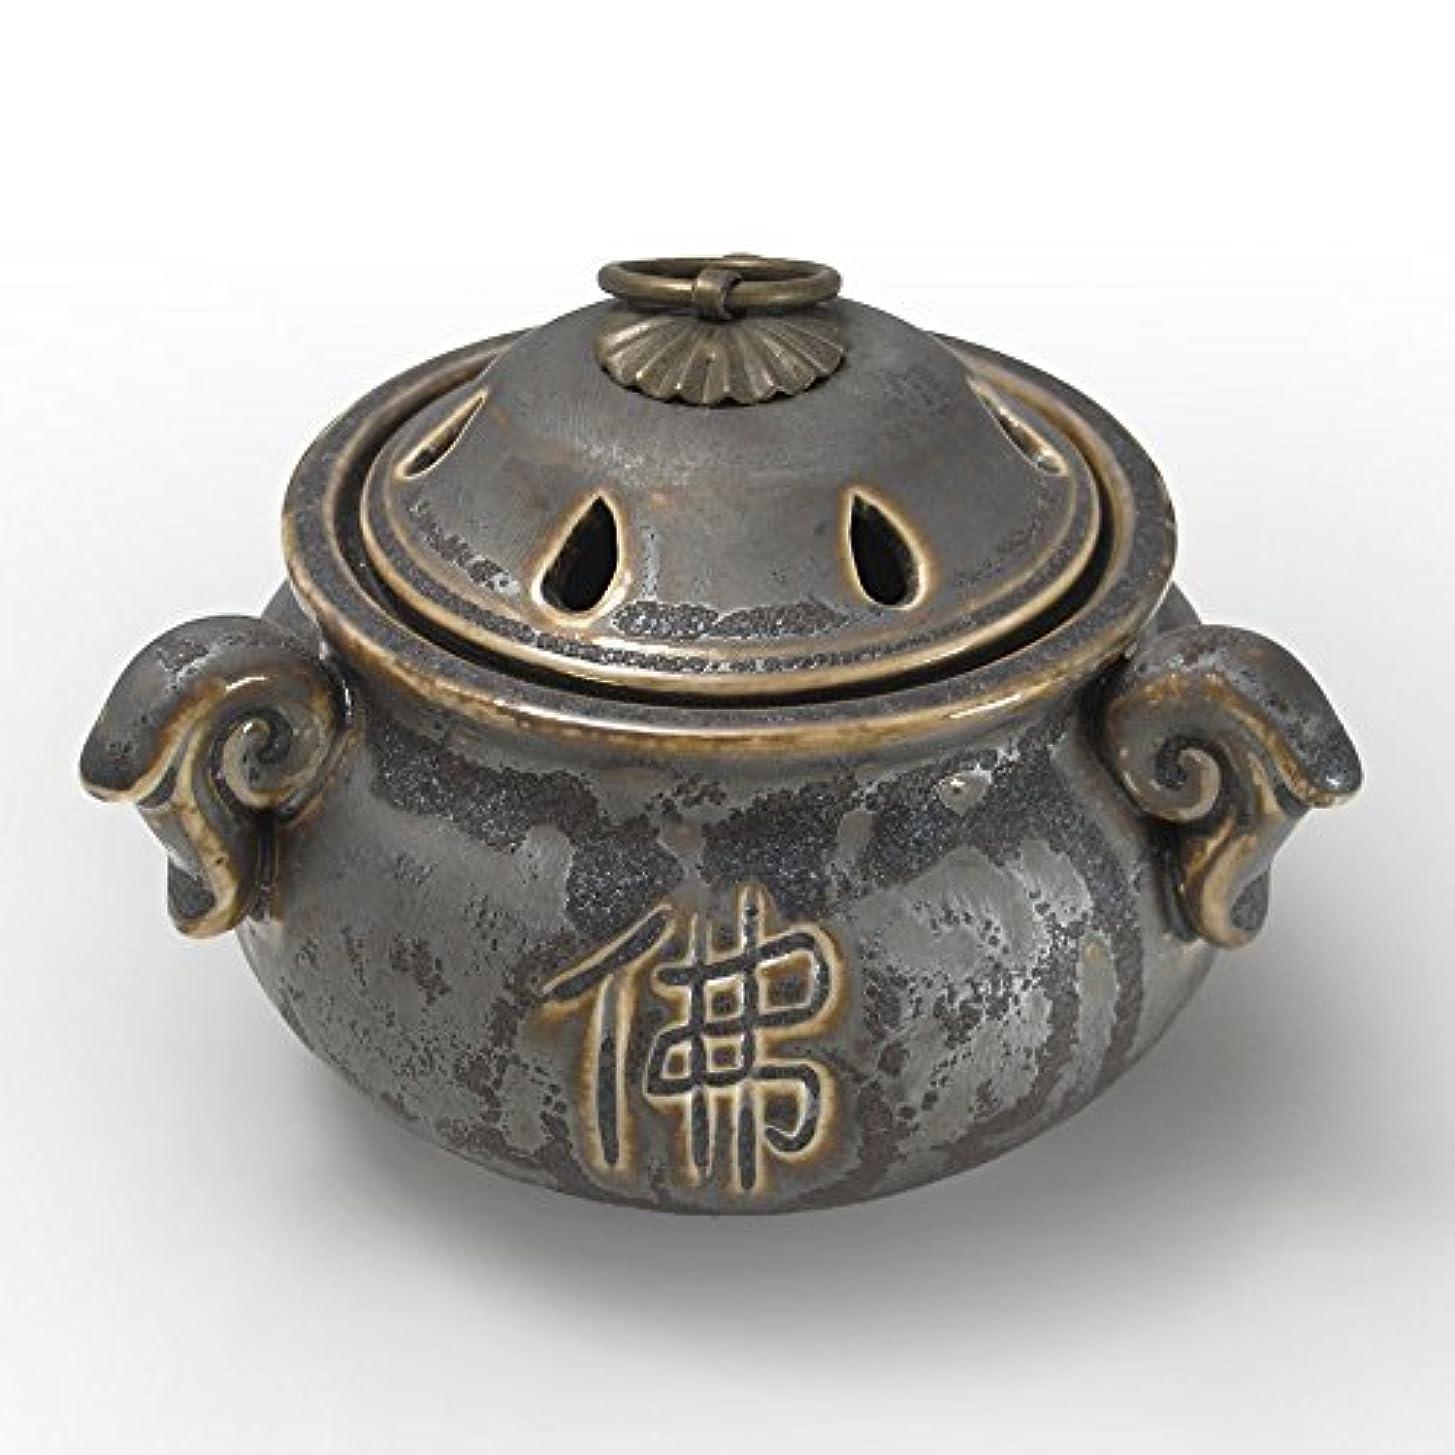 ホステル実り多い武装解除陶器香炉 アンティークデザイン